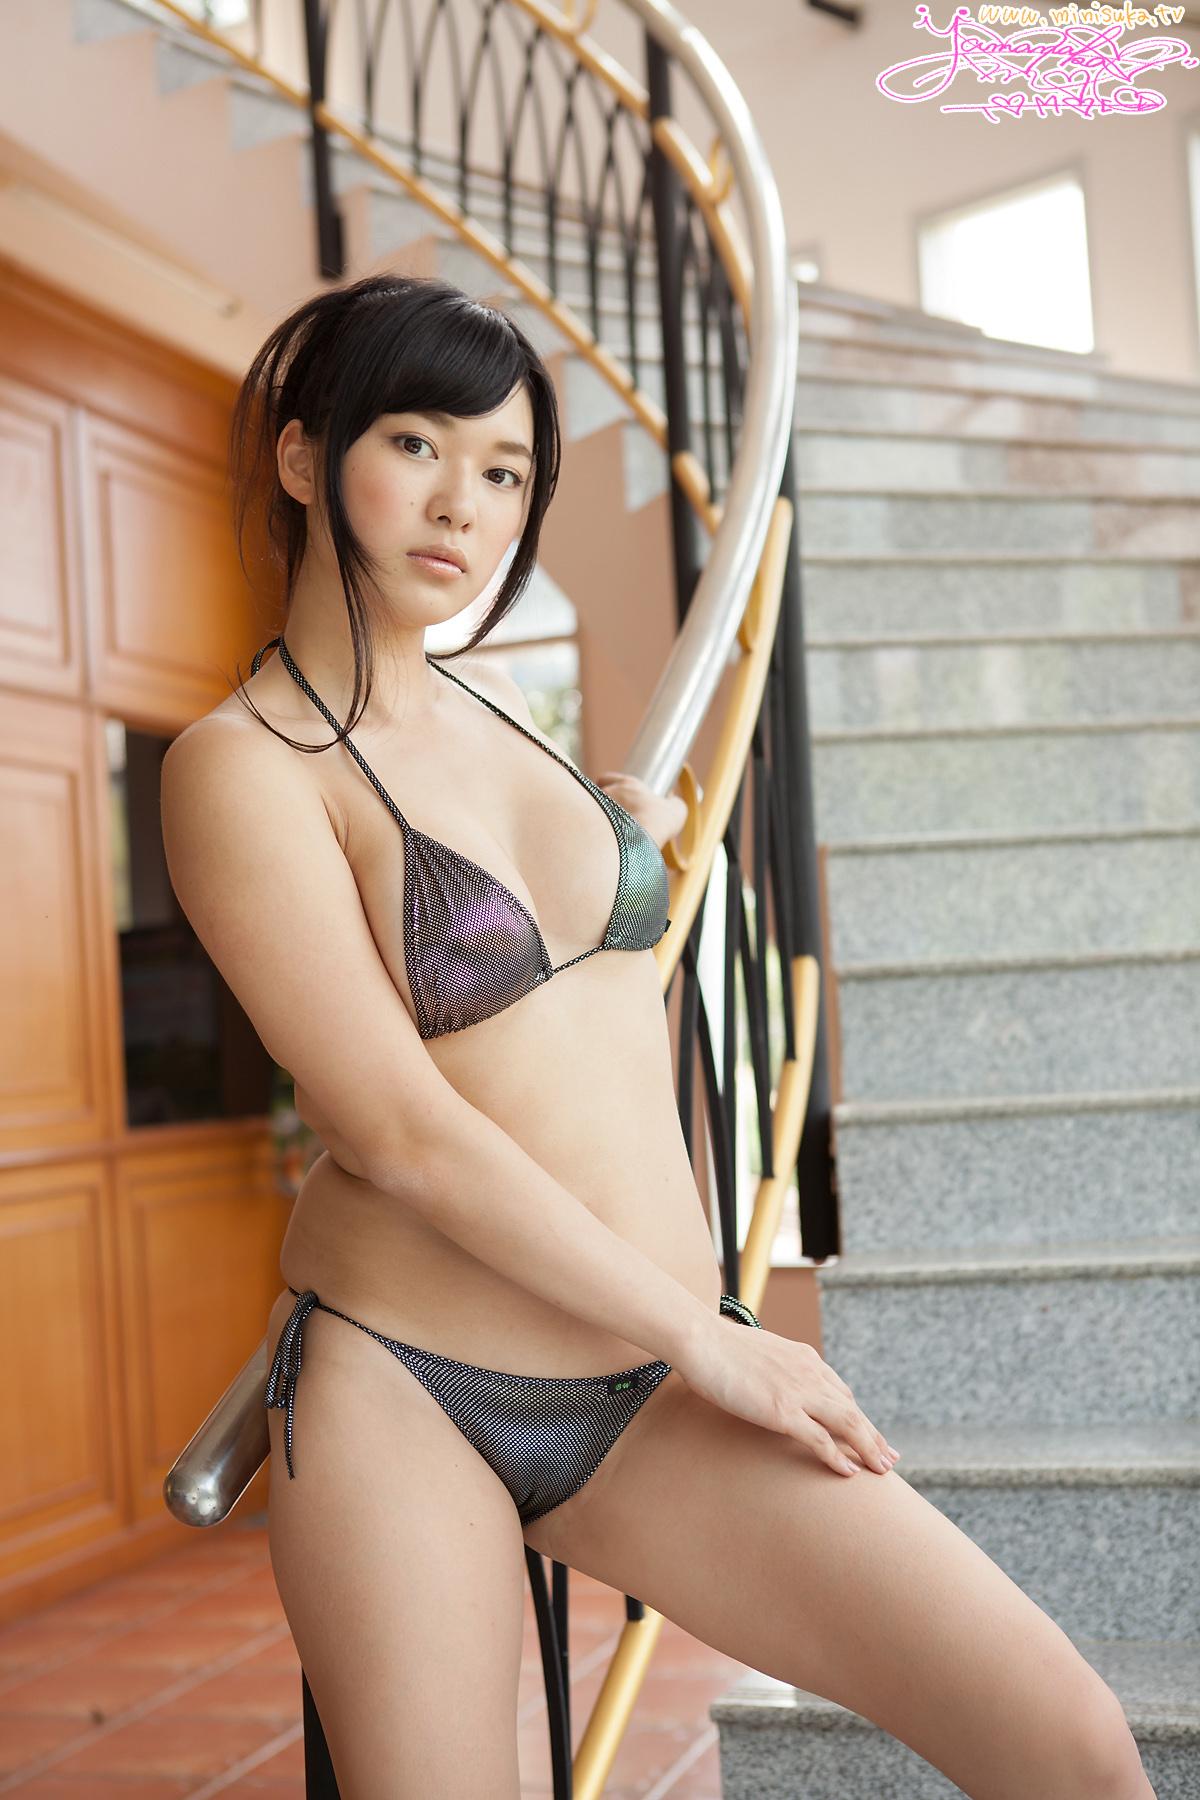 tomoe yamanaka www.imouto.tv imagesize:1200x1800